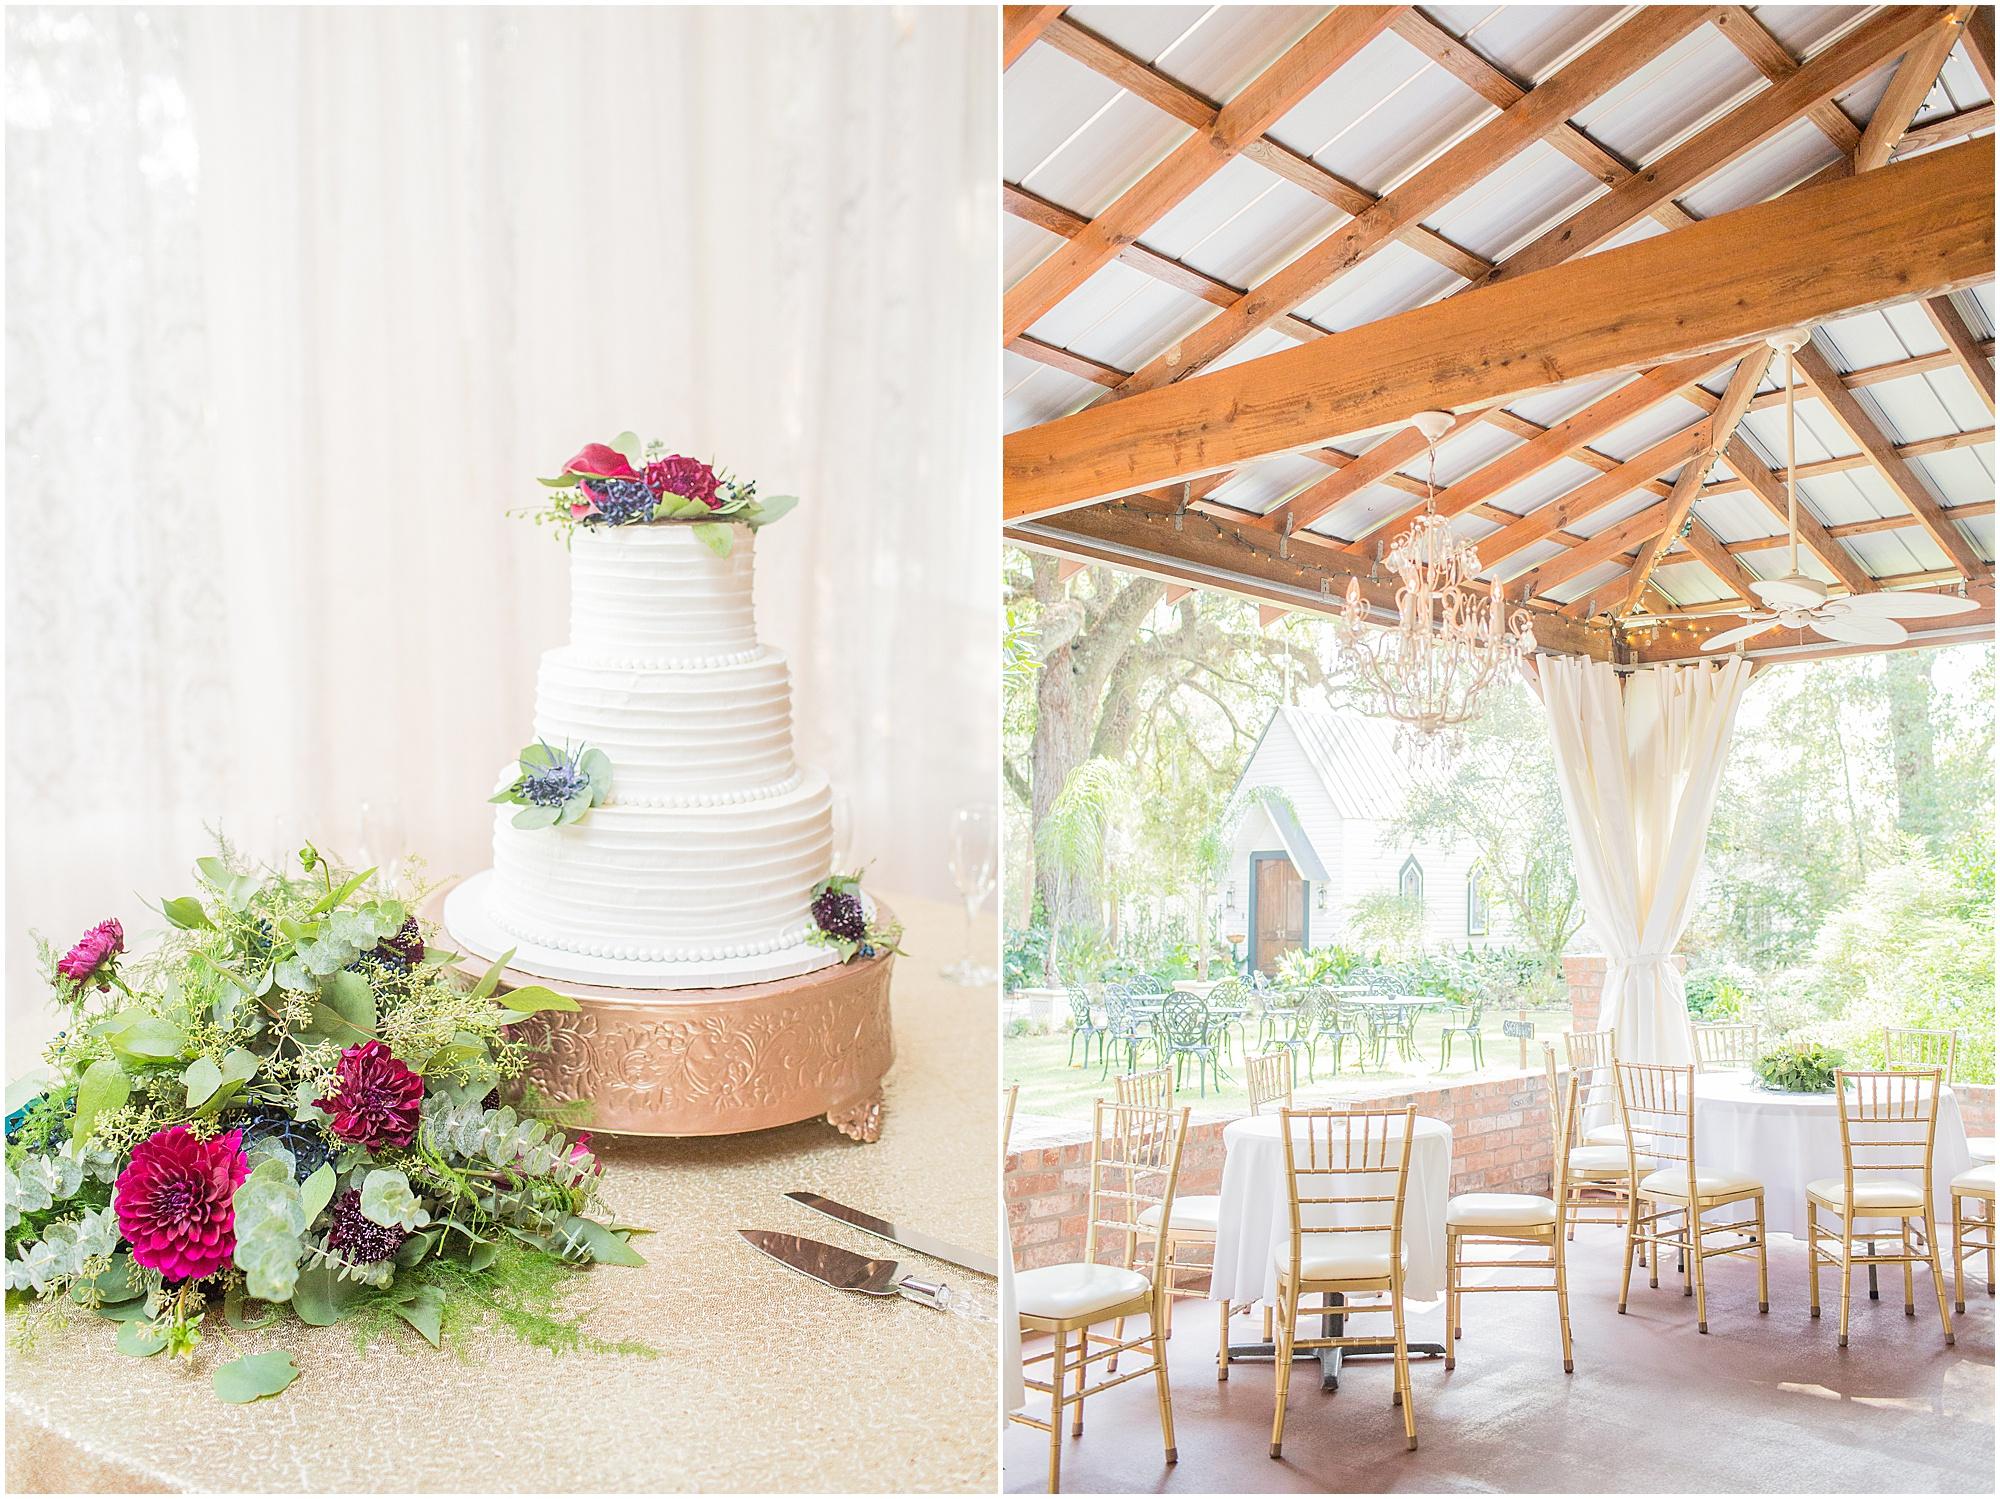 picayune-mississippi-wedding-henry-smith-house_0058.jpg